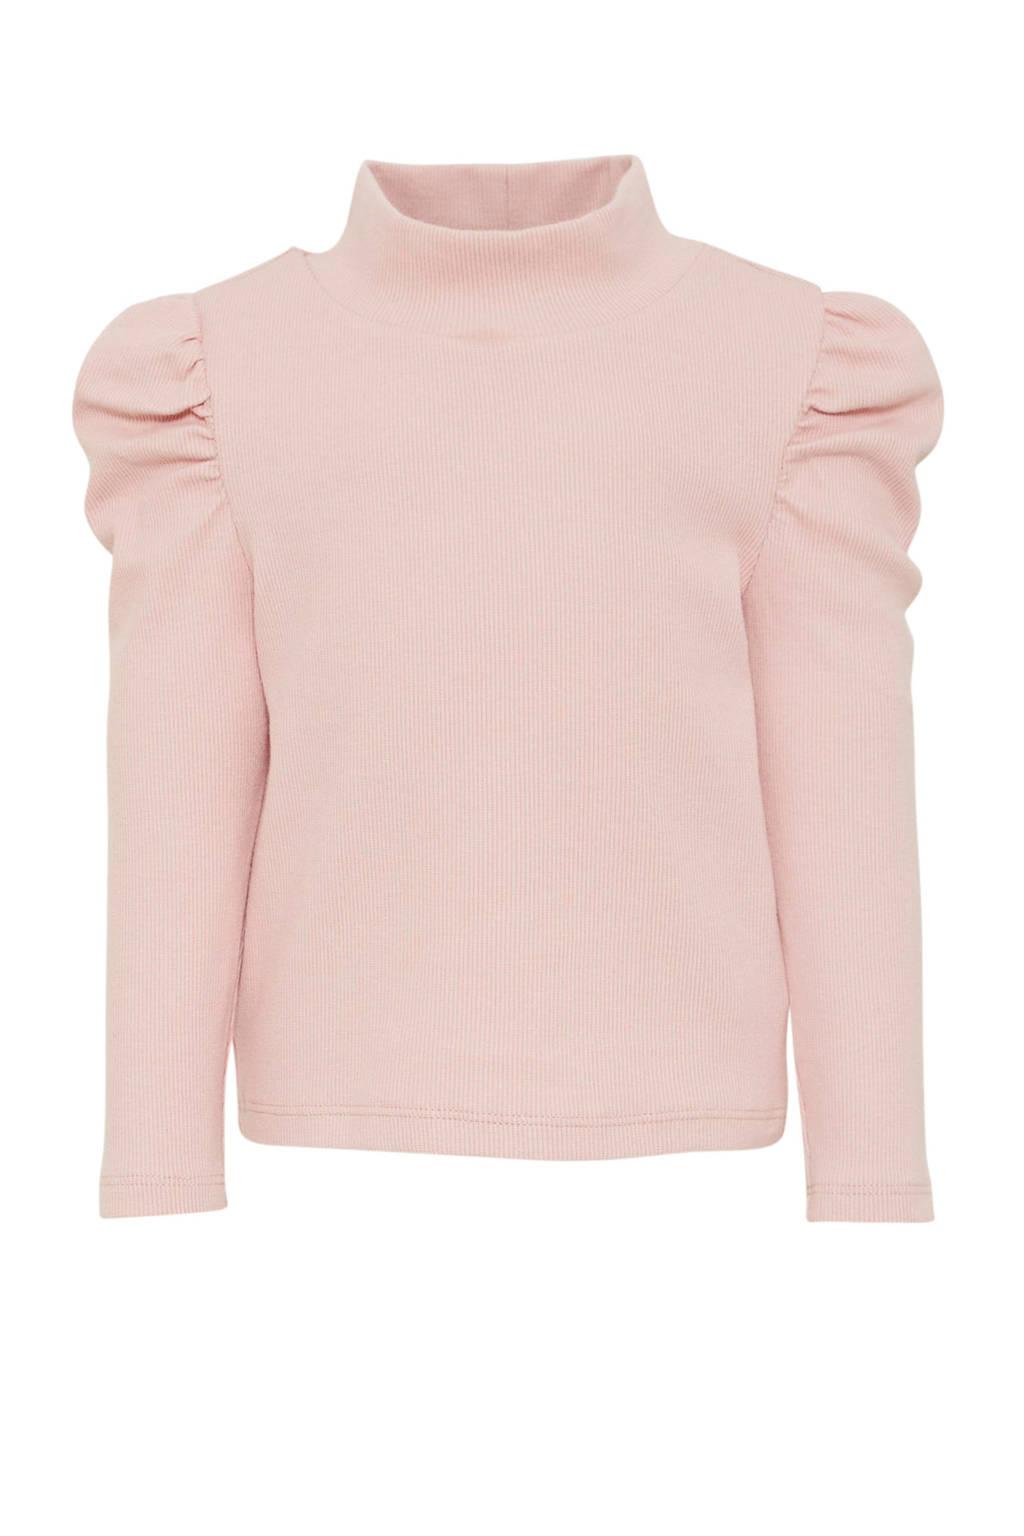 GAP longsleeve roze, Roze